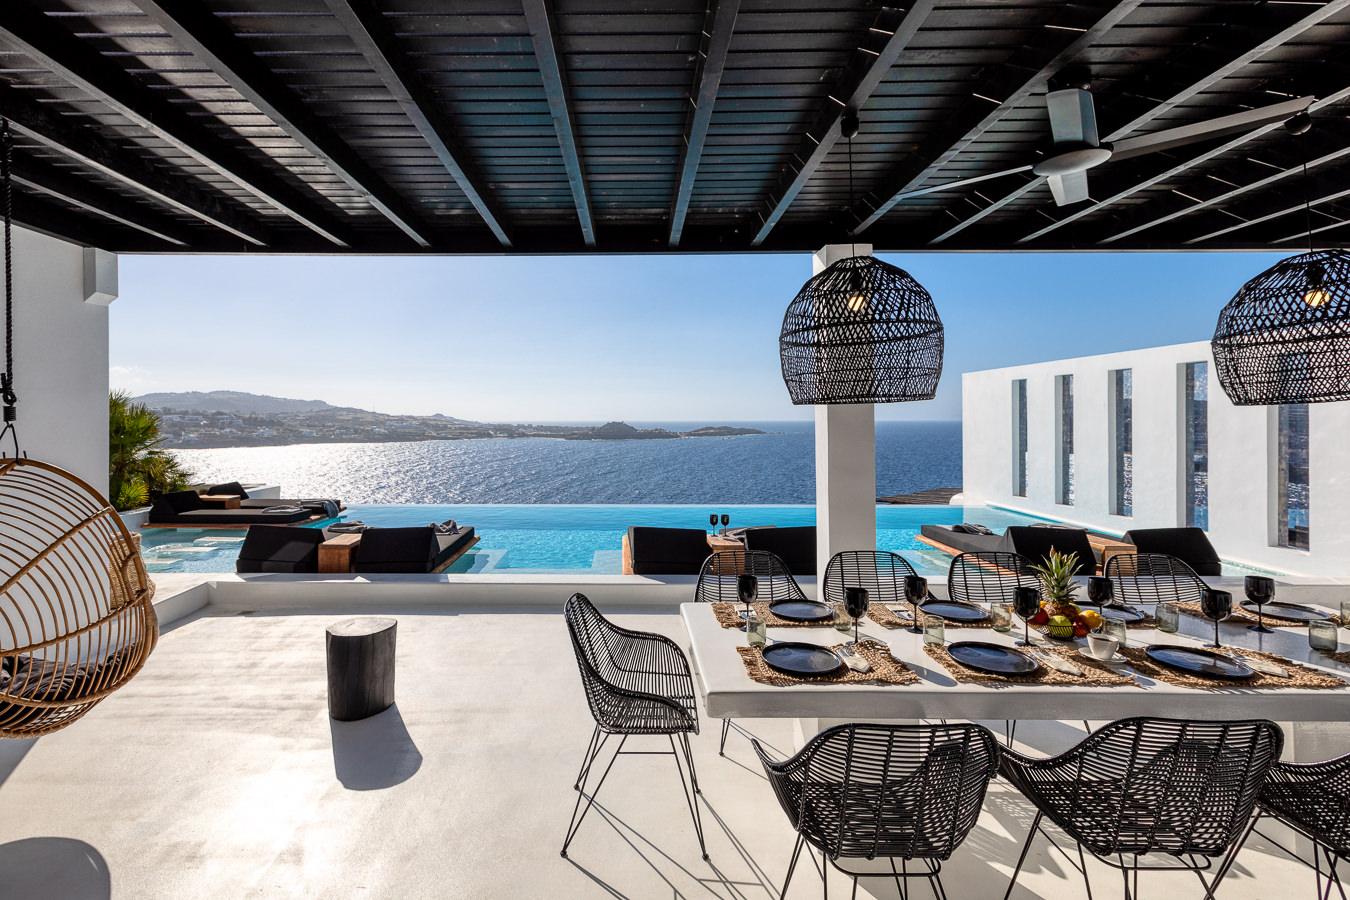 Psarou Black Villa, Mykonos, Γιώργος Φάκαρος - Αρχιτεκτονική Φωτογραφία | Εσωτερικοί Χώροι | Φωτογραφία Ξενοδοχειών - Photography / Φωτογραφία